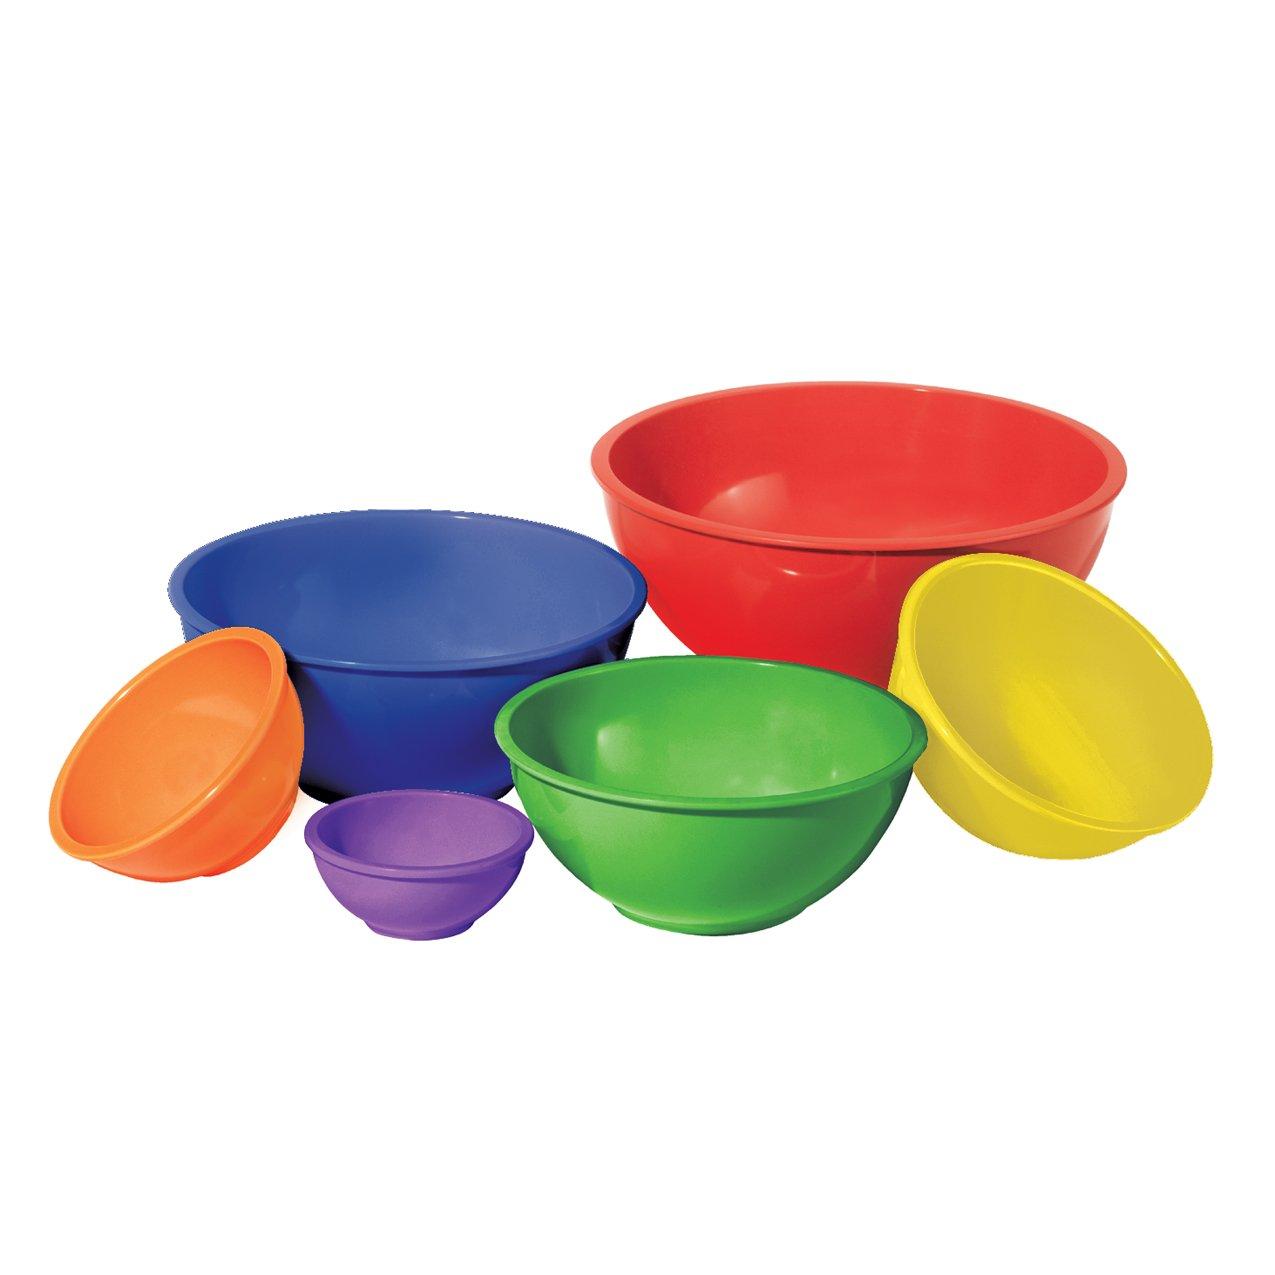 Oggi (5278) Melamine 6-Piece Mixing Bowl Set, Assorted Color